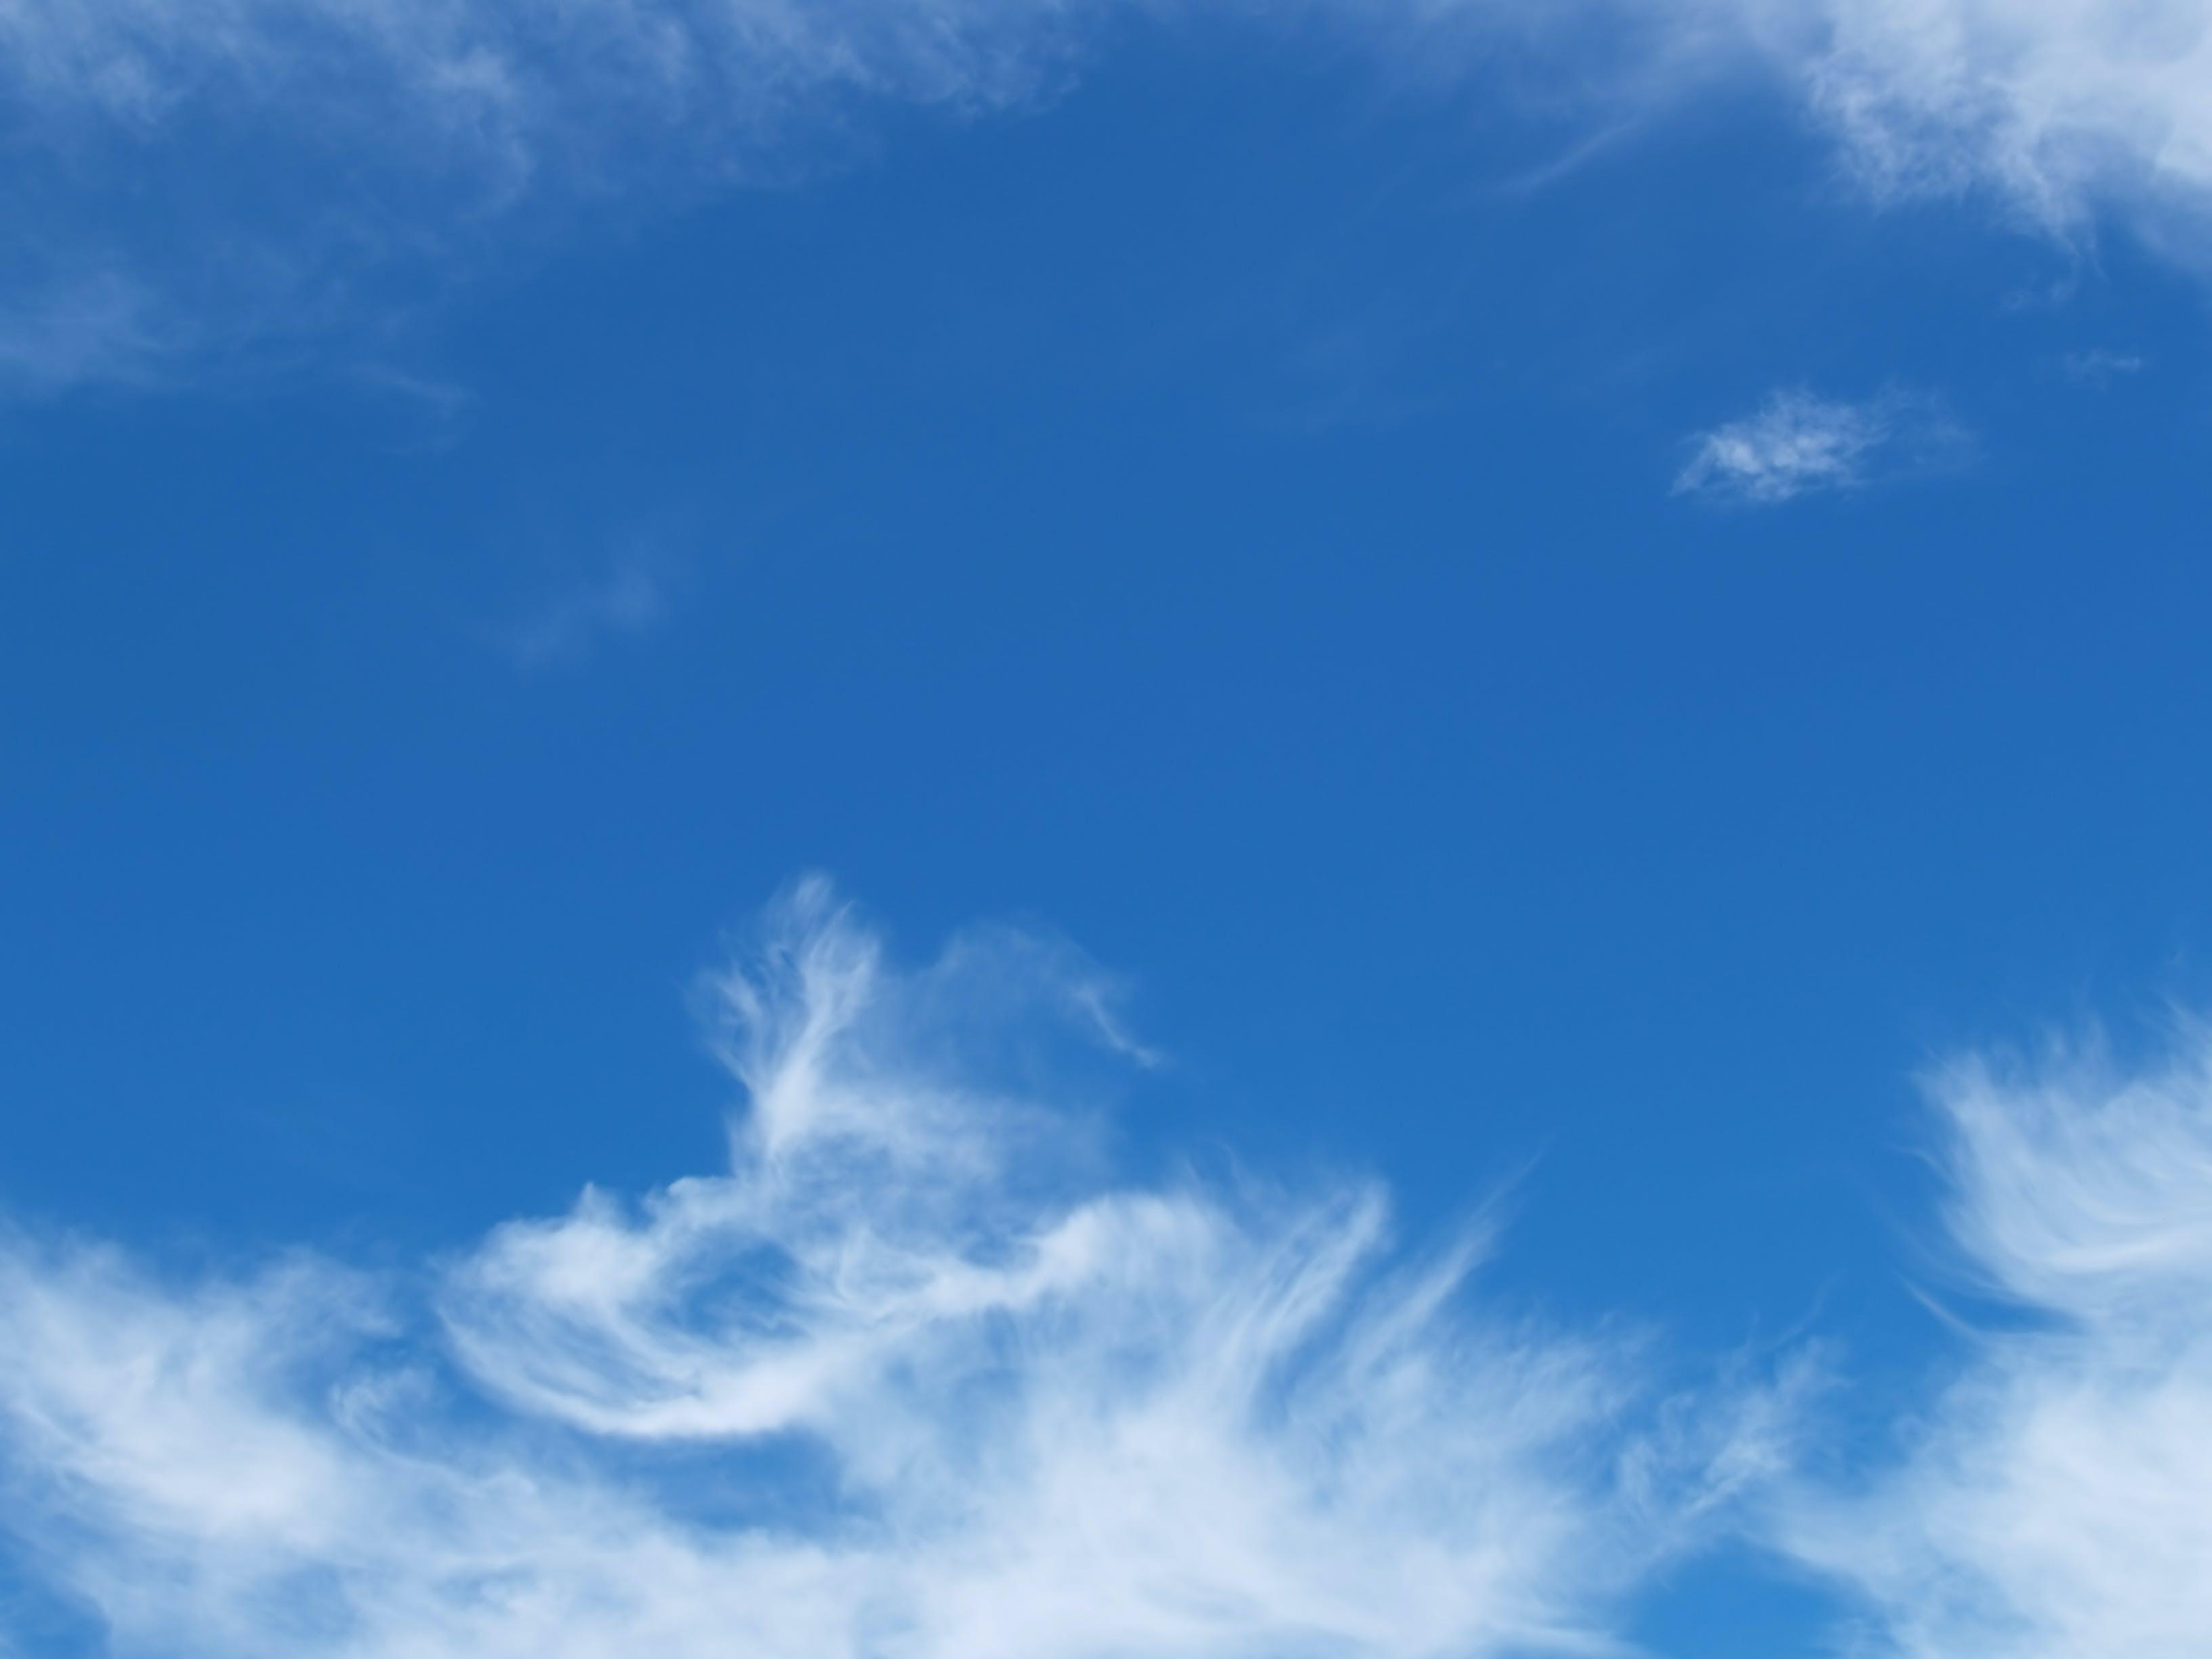 atmosphäre, bewölkt, bewölkter himmel